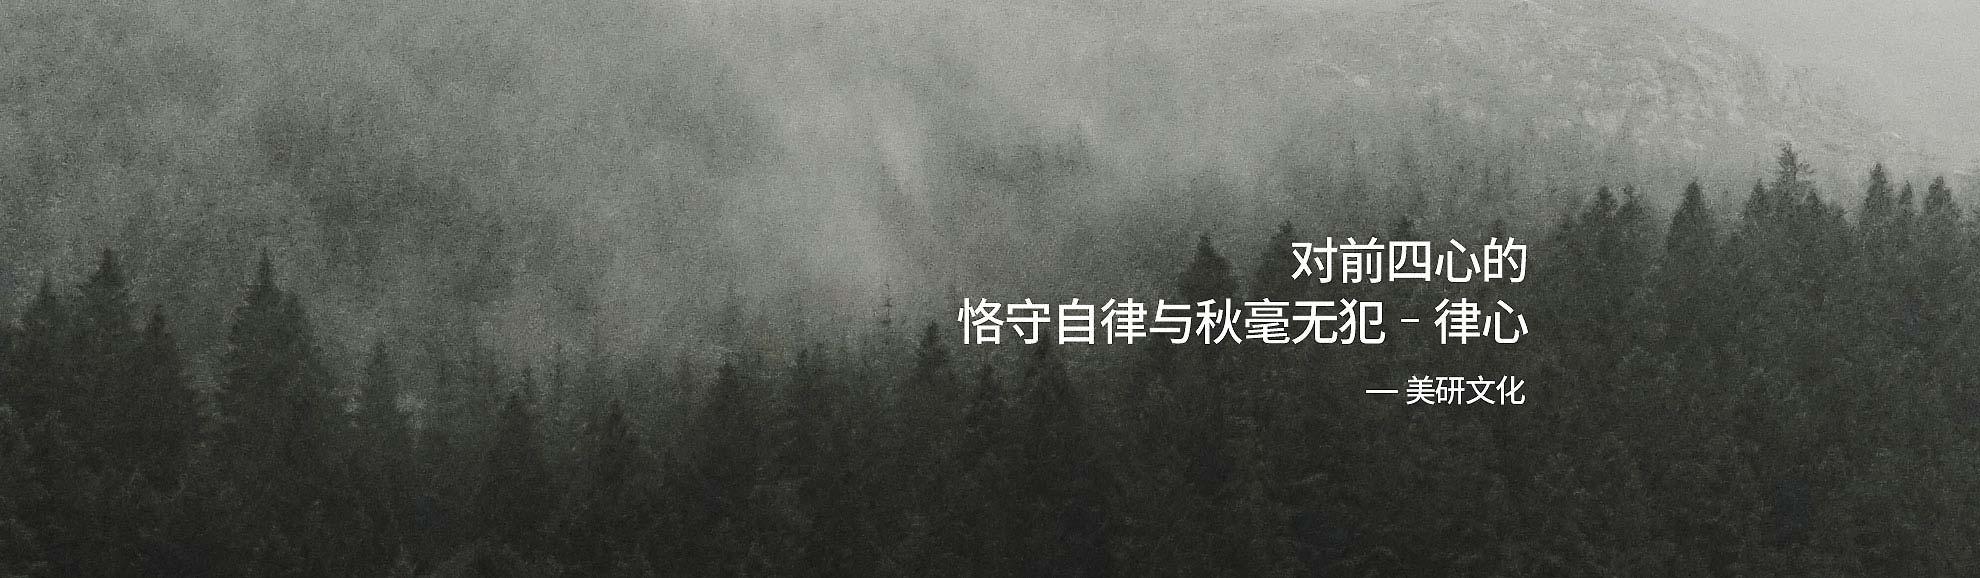 美研banner-5